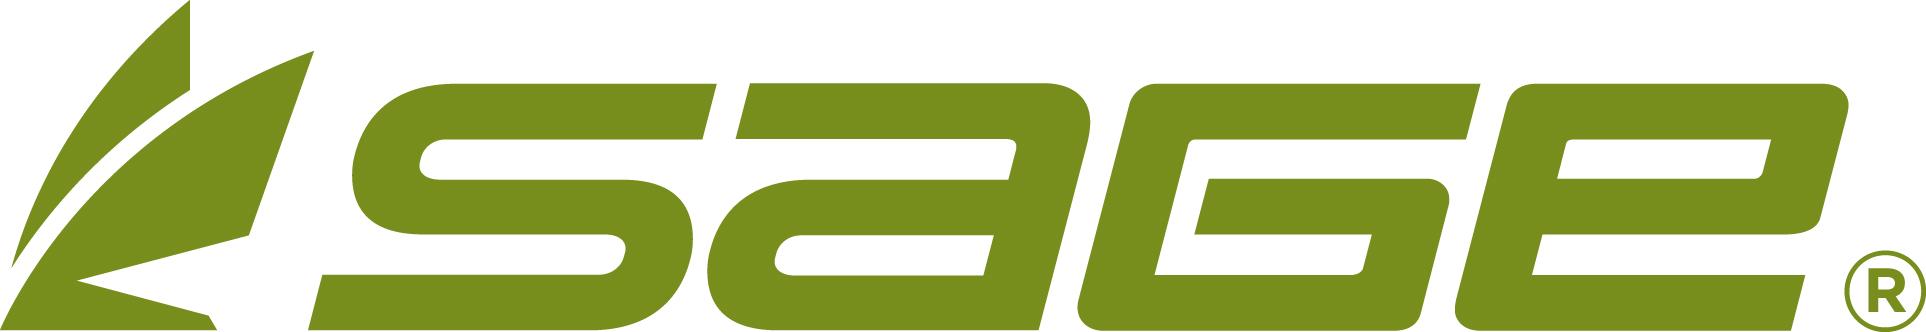 Sage_Wordmark_and_Icon_Green_7491_wCircleR_Lg.jpg